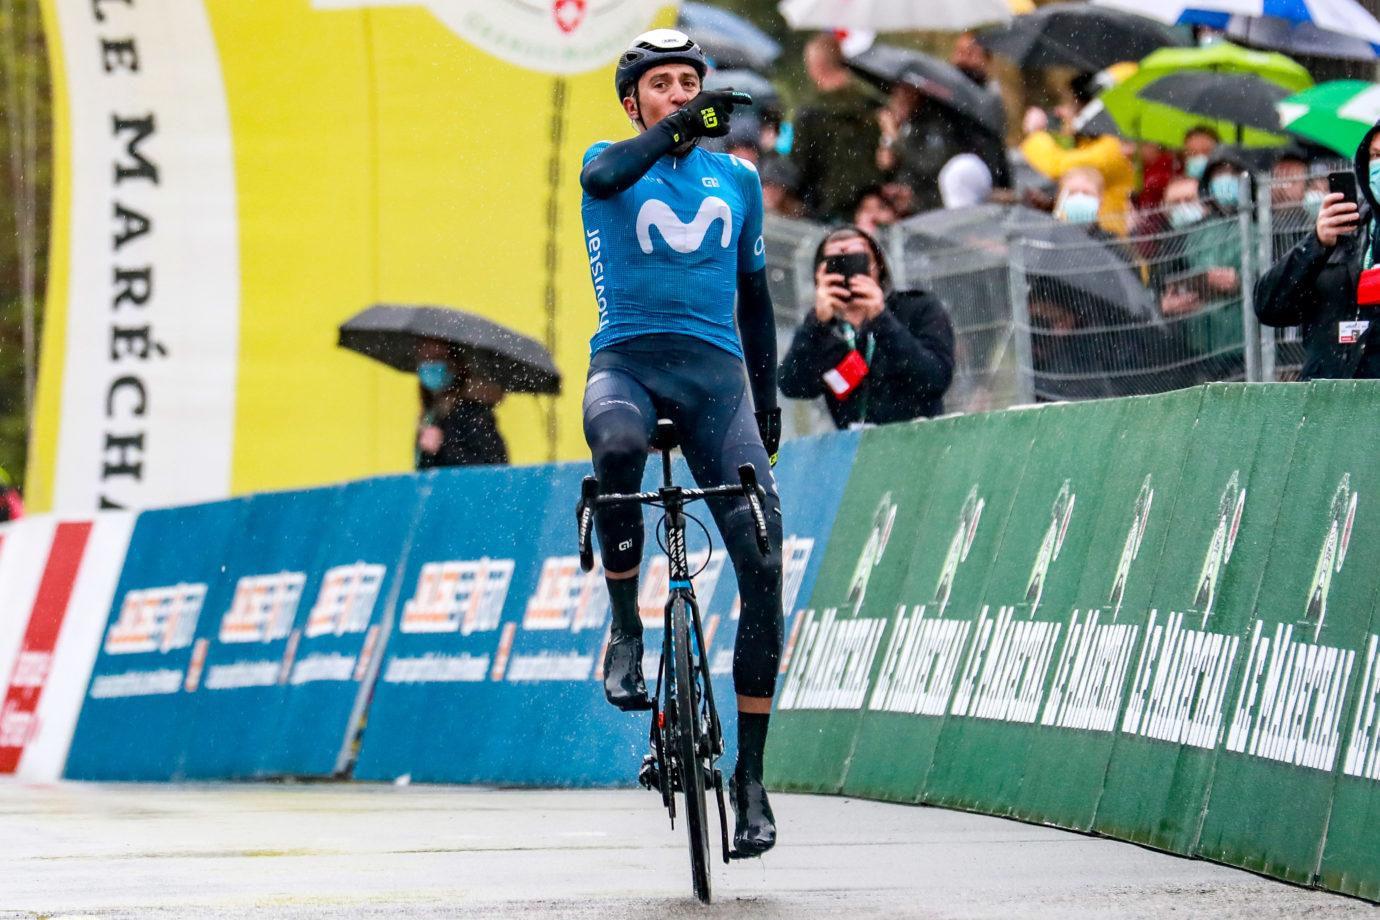 Imagen de la noticia 'Marc Soler takes big solo win, leads Tour de Romandie'